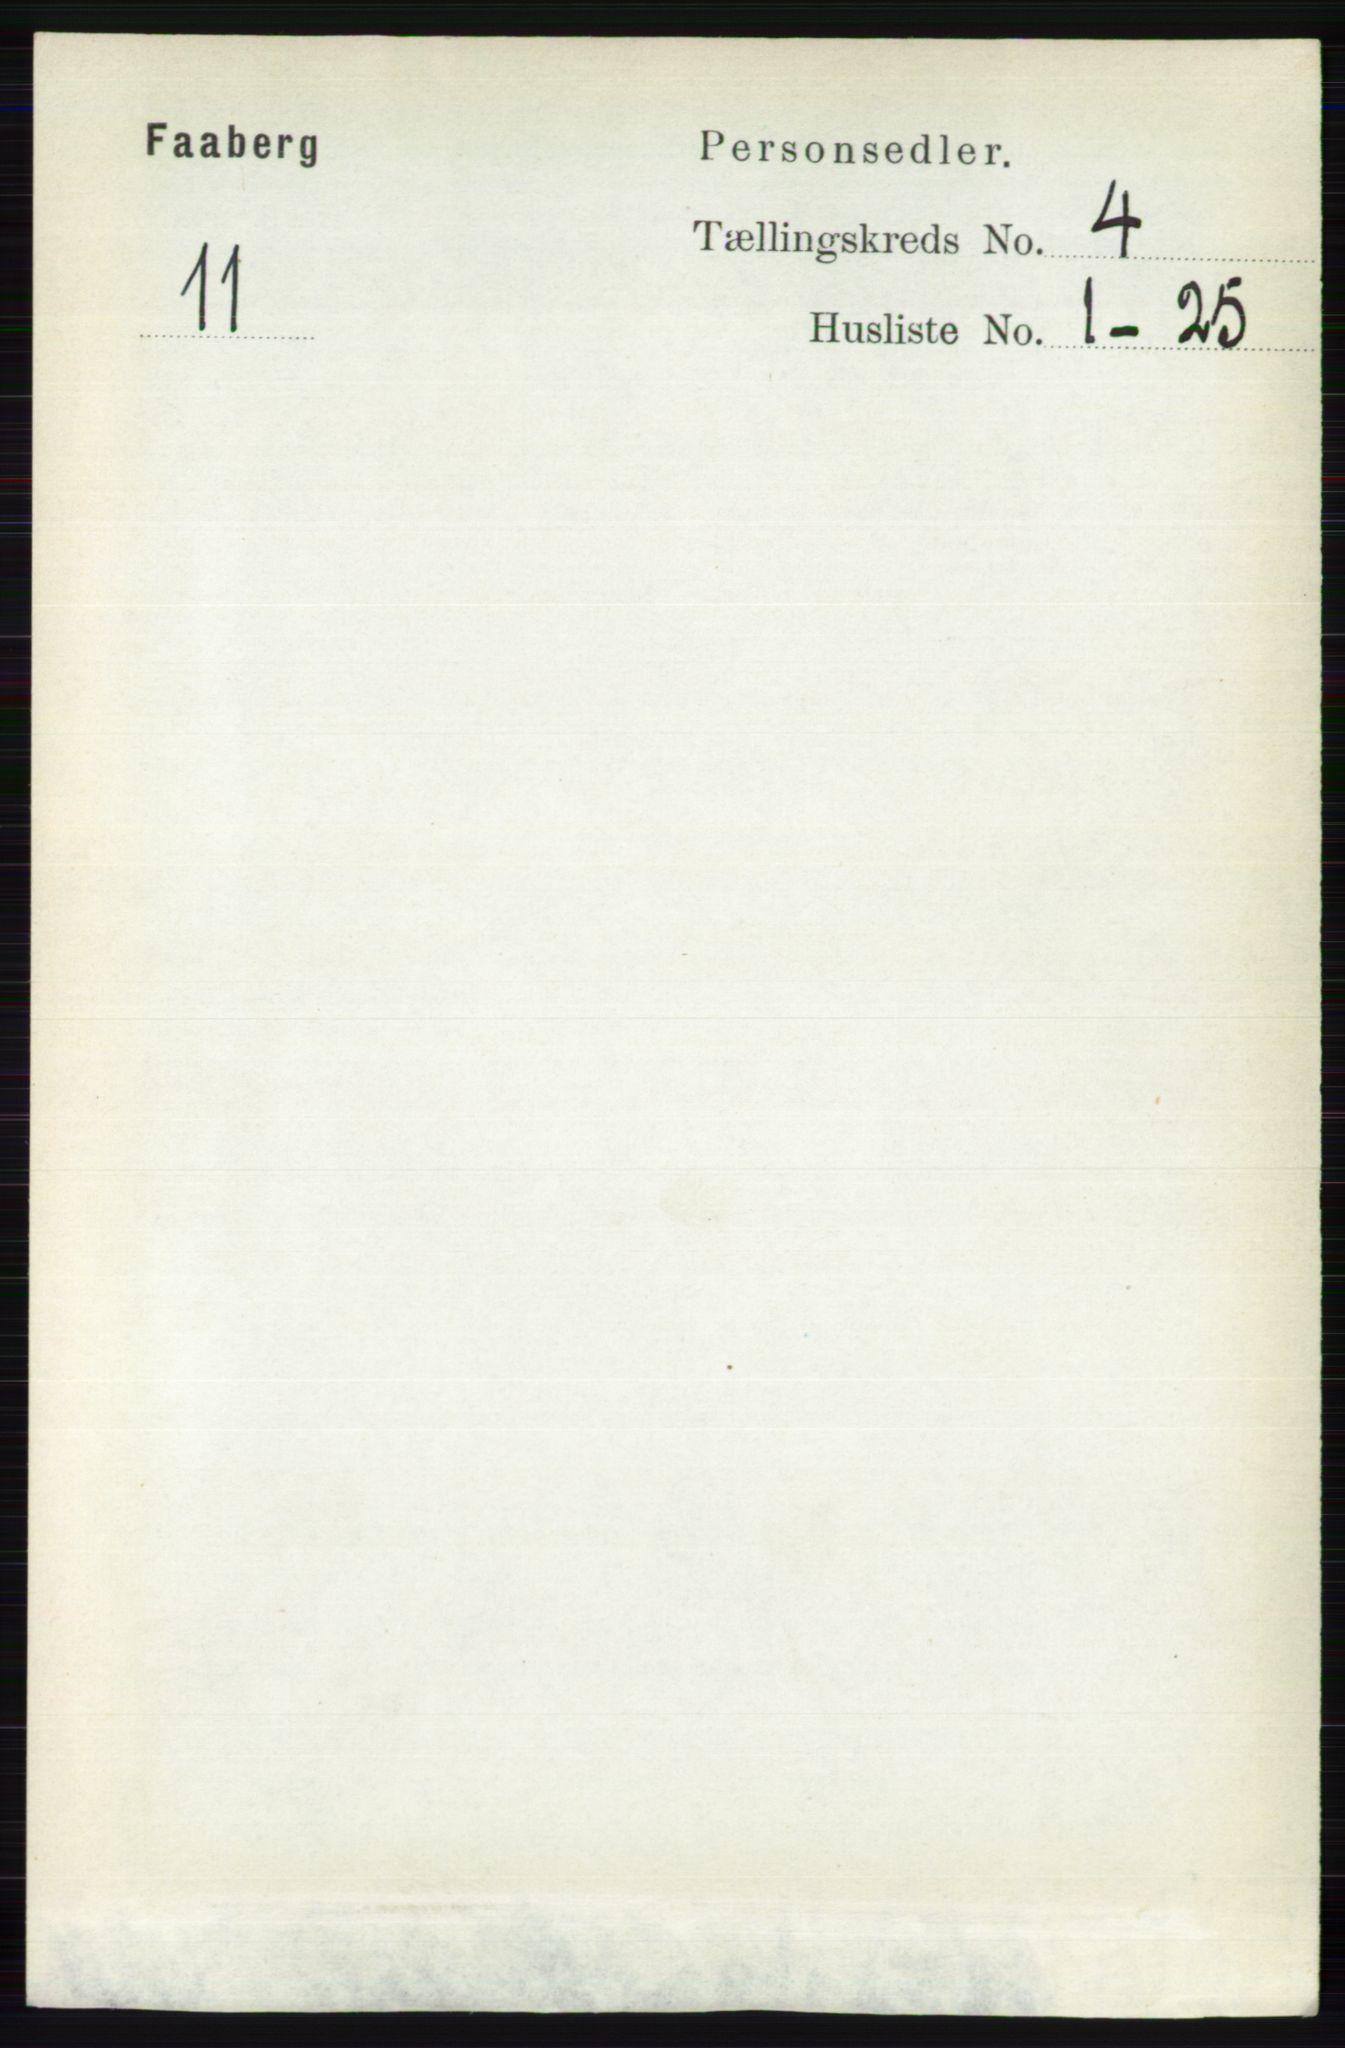 RA, Folketelling 1891 for 0524 Fåberg herred, 1891, s. 1222